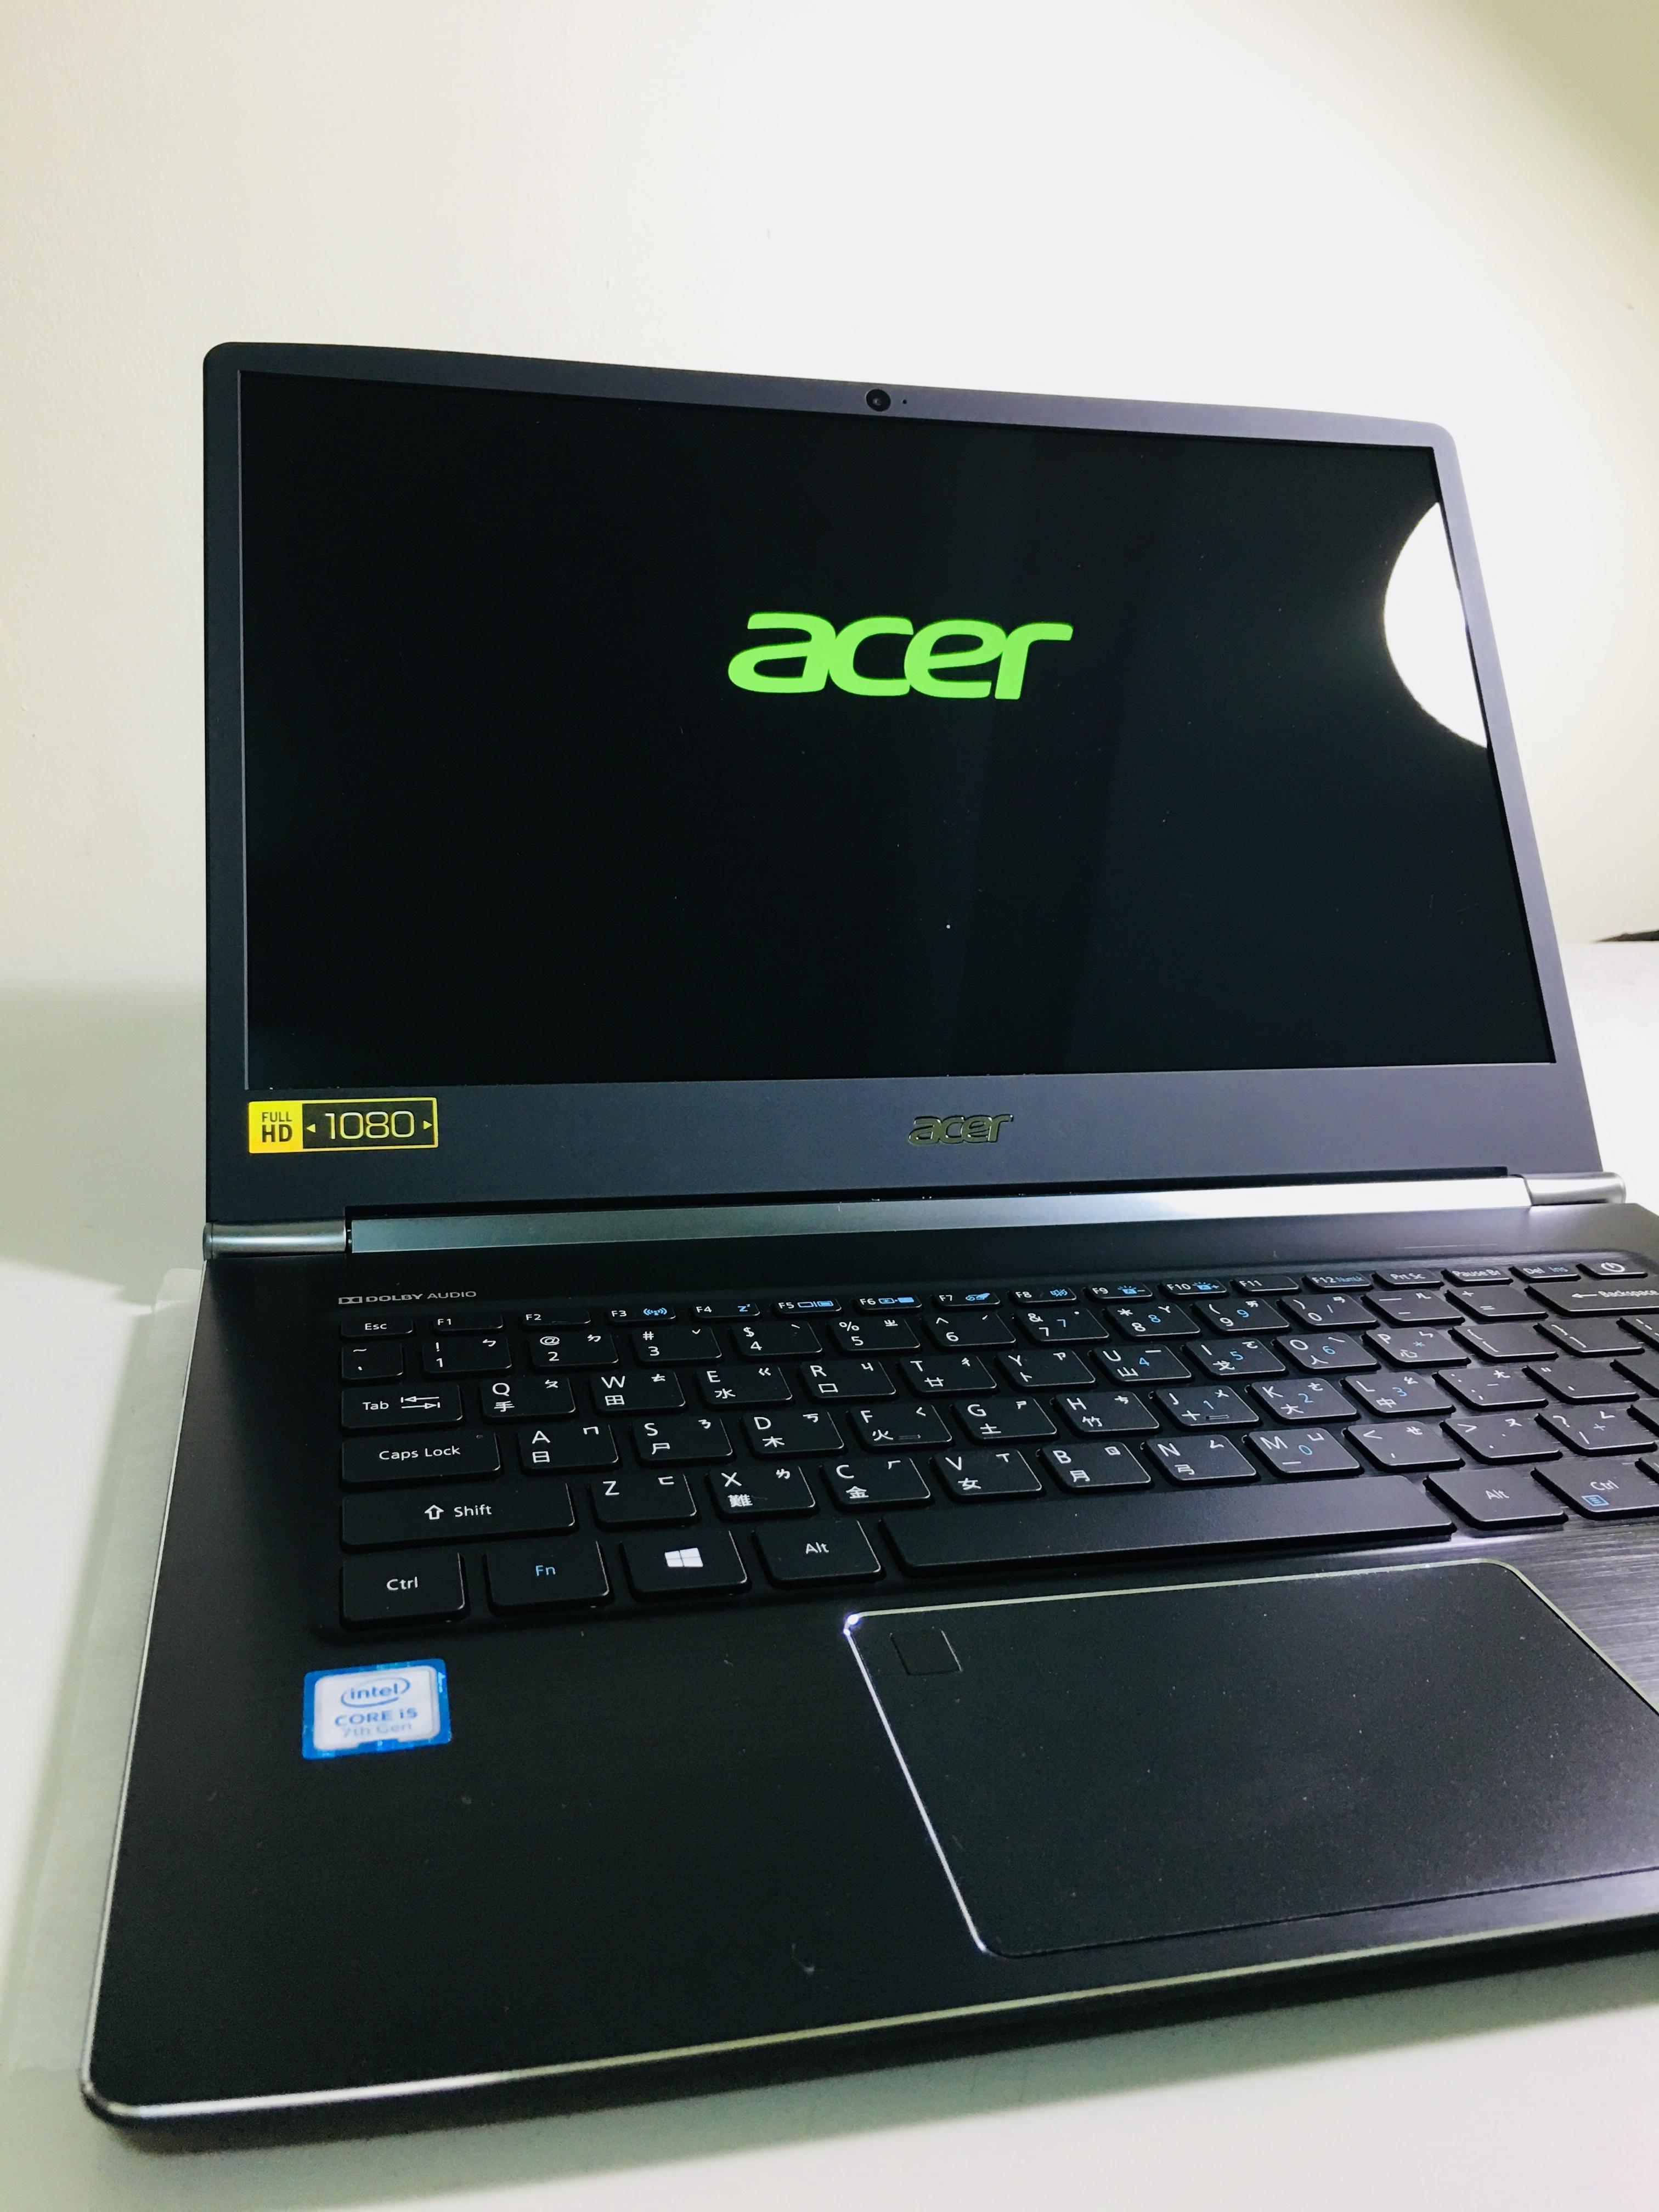 具備 14 吋 IPS 面板顯示螢幕,螢幕解析度則為 1920 X 1080 Full HD 配置